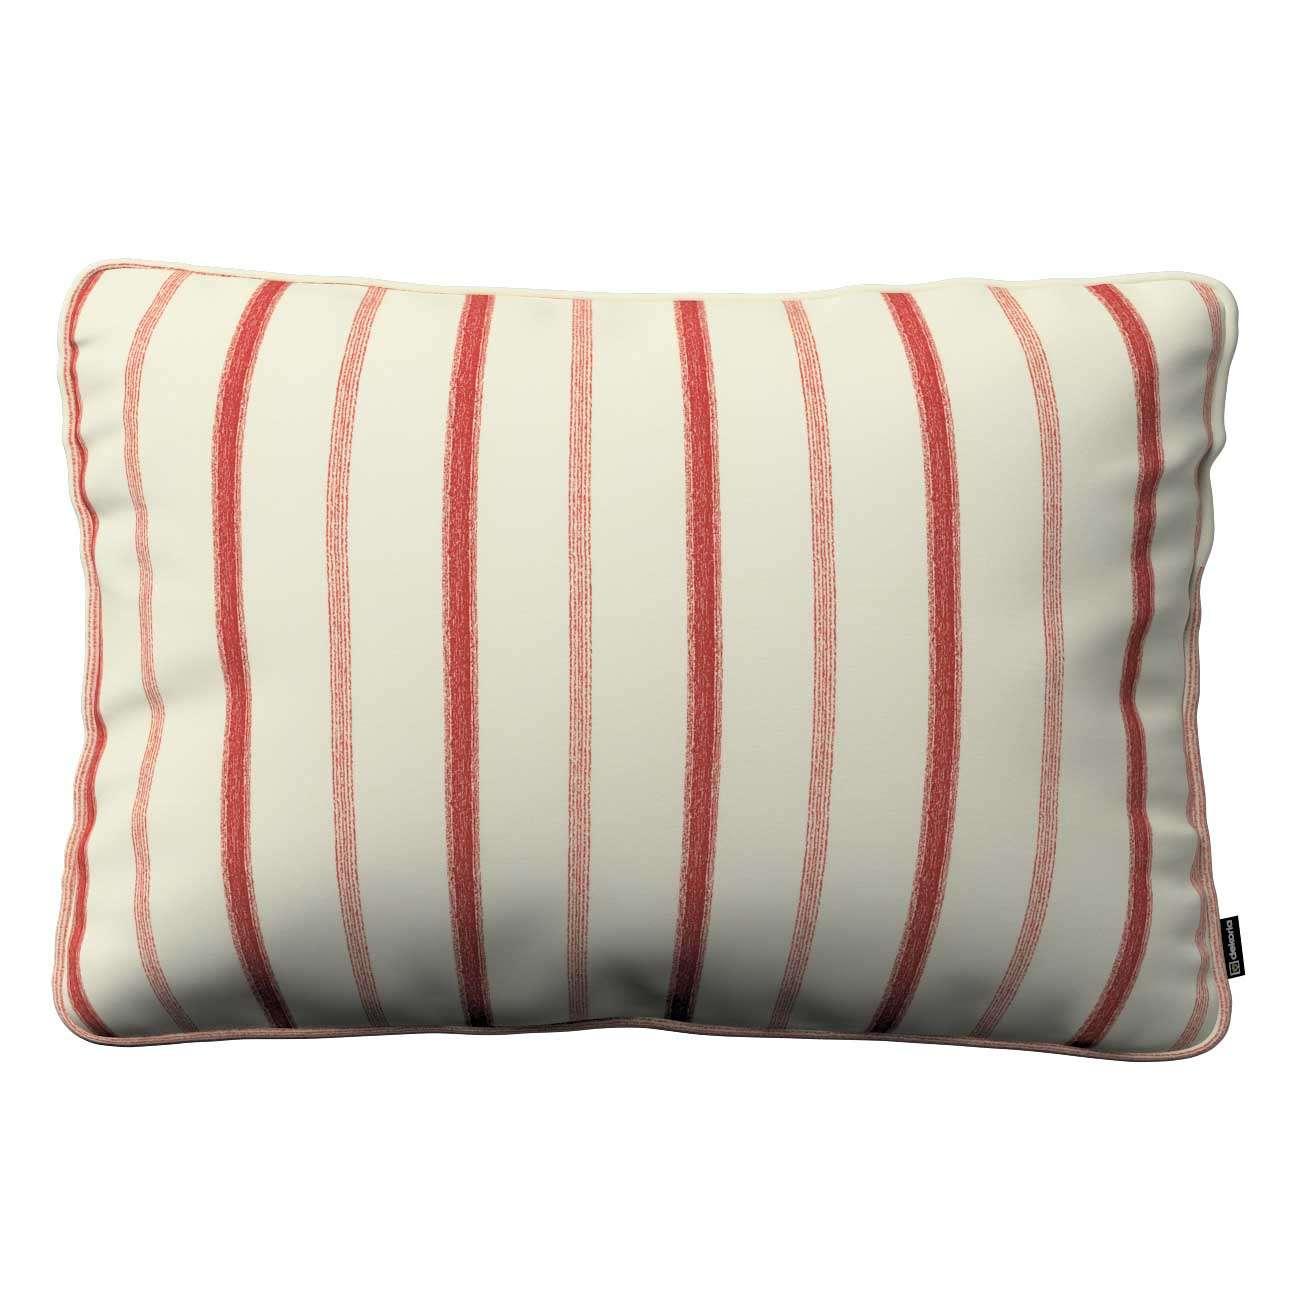 Poszewka Gabi na poduszkę prostokątna 60 x 40 cm w kolekcji Avinon, tkanina: 129-15